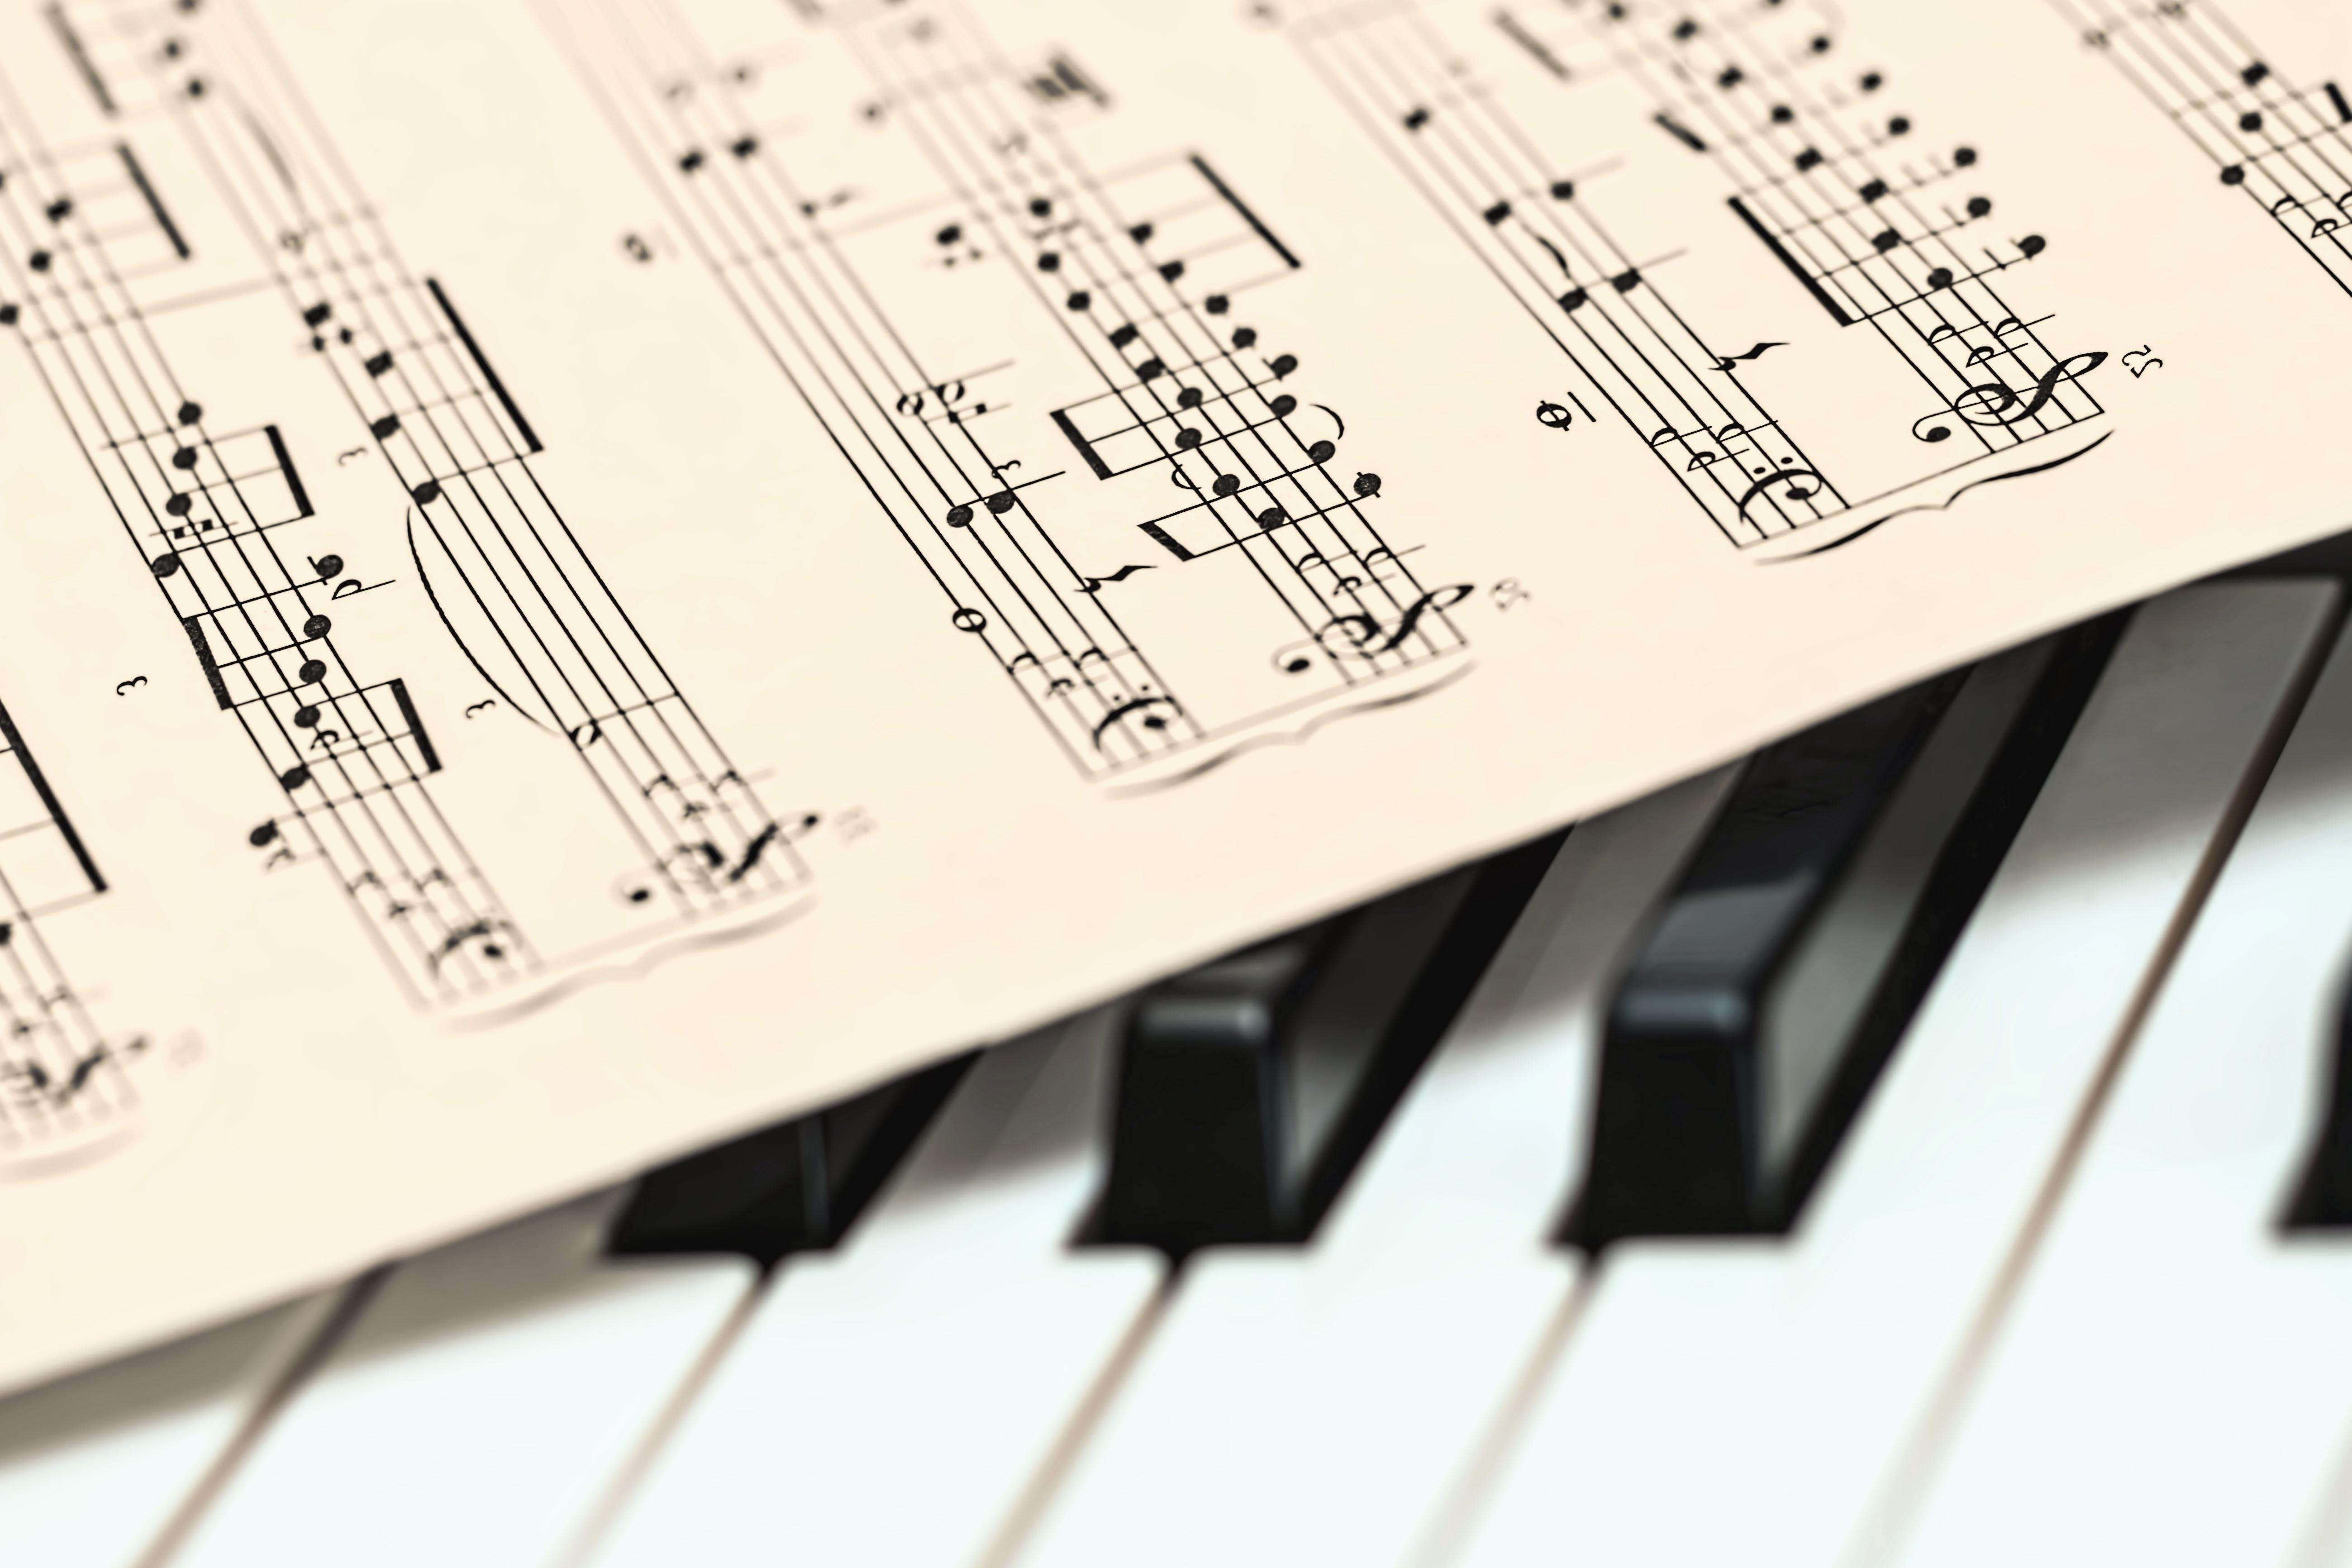 Kostenlose Bild: Papier, anmerkung, komposition, klavier, musik ...